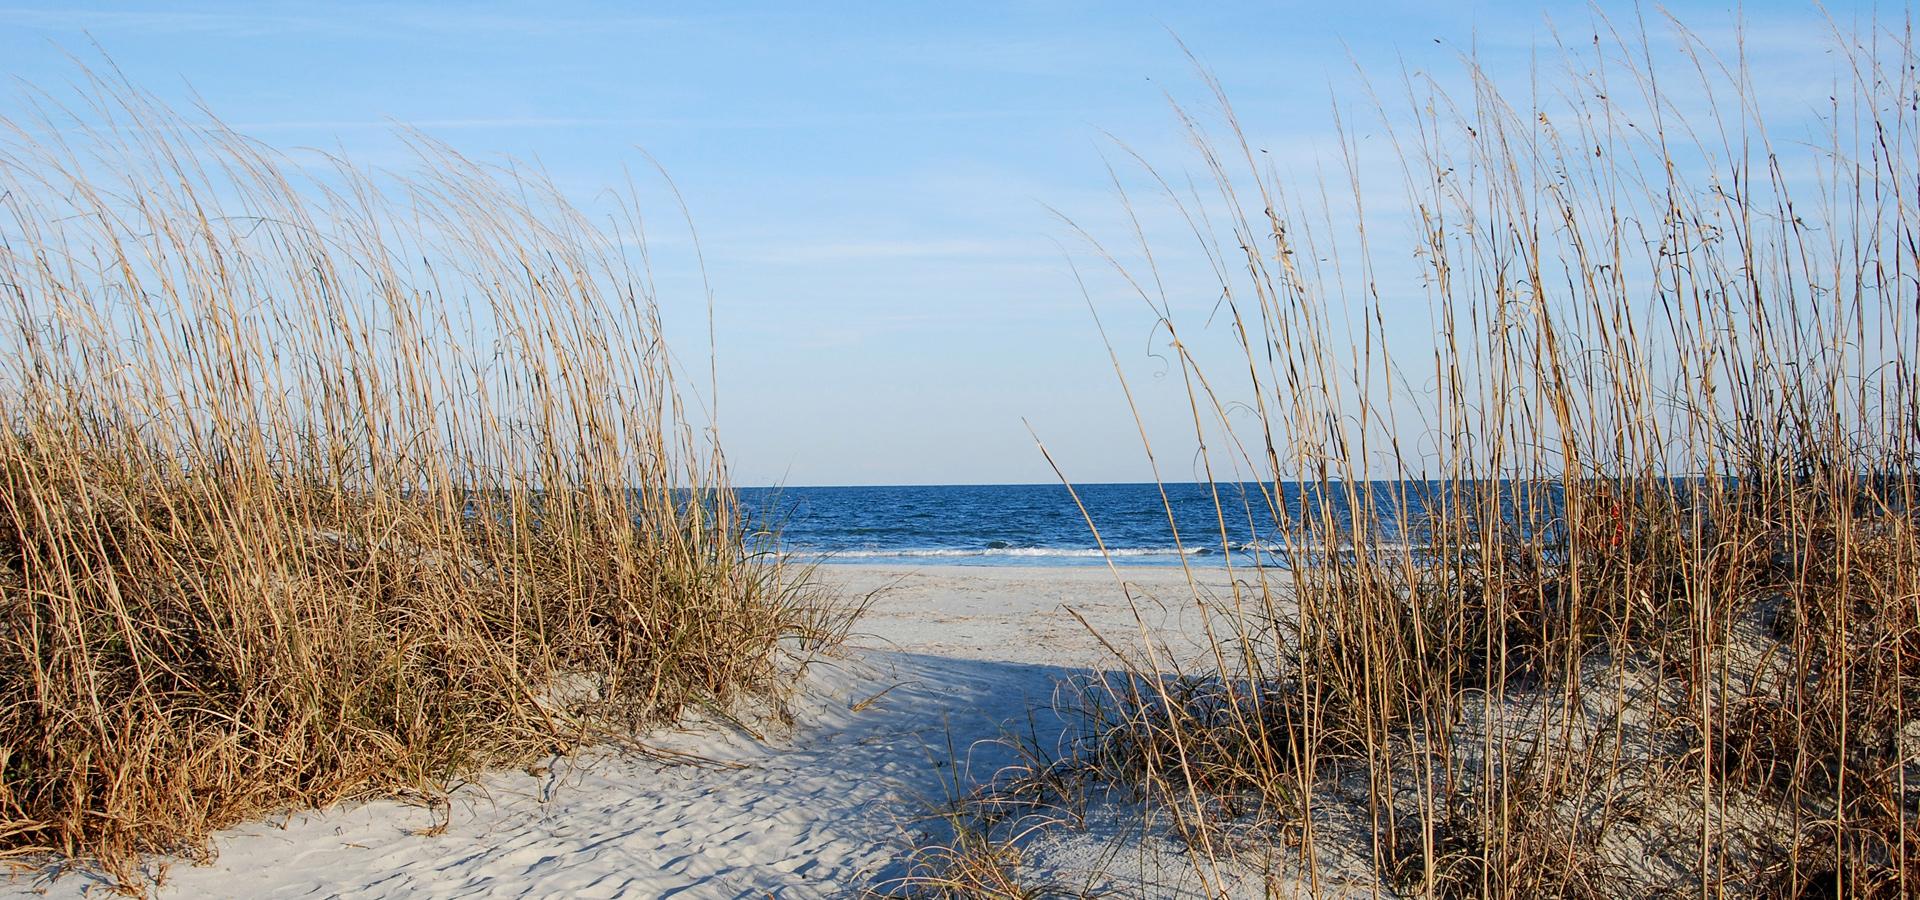 OBX-beach-header